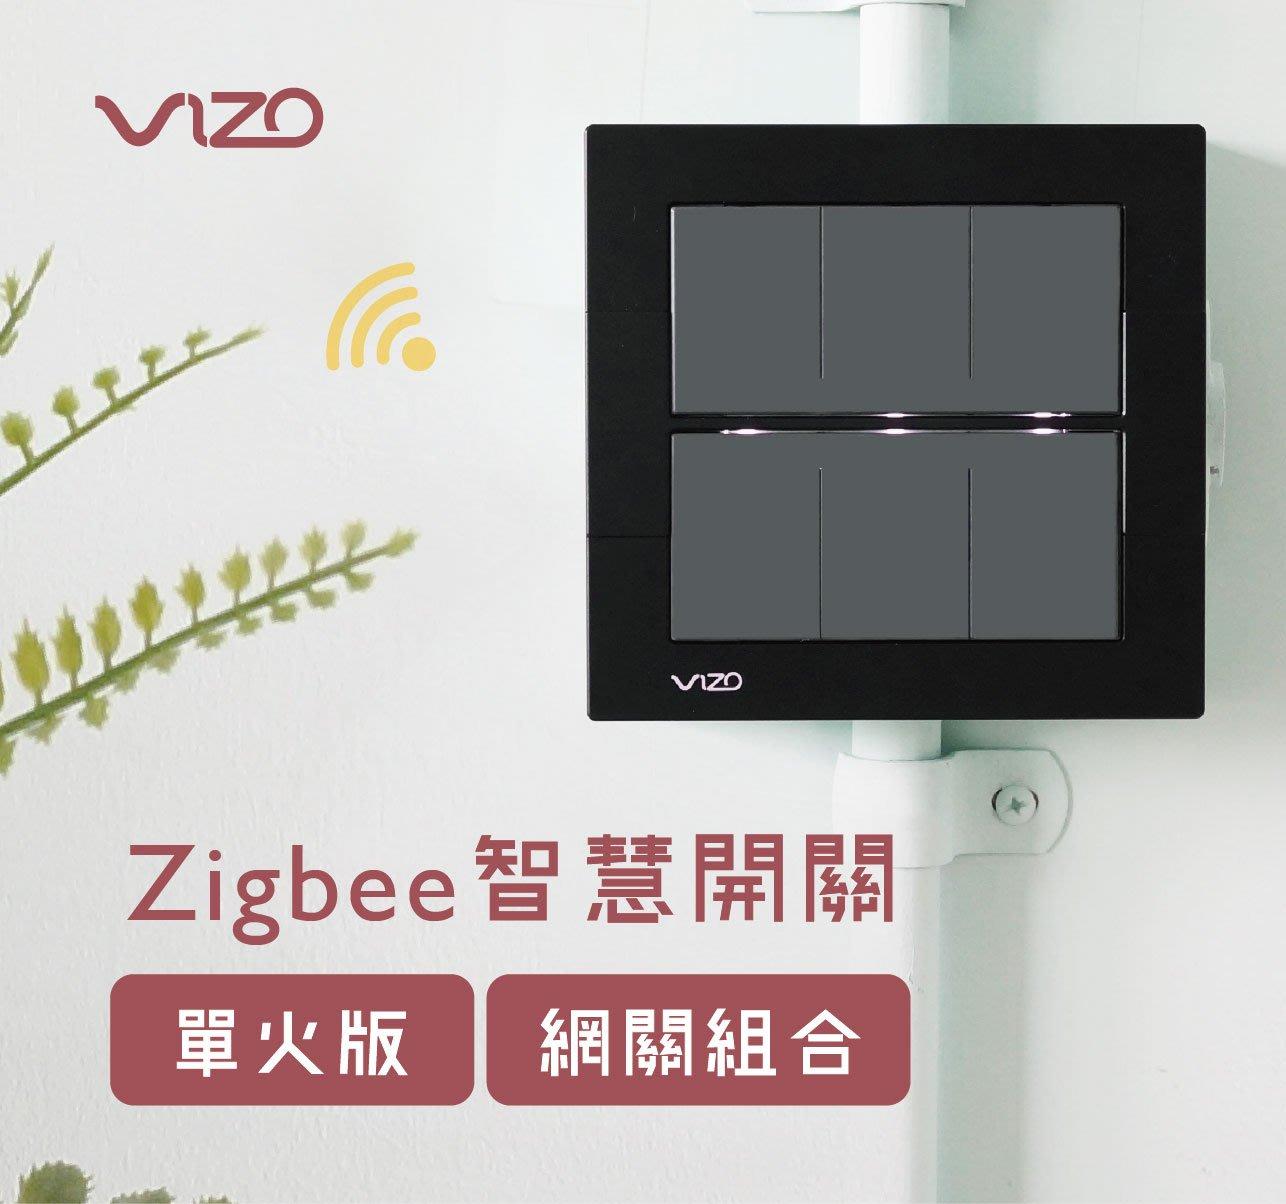 搭配網關組合更優惠 [六按鍵開關]尊爵黑 VIZO Zigbee單火線版智慧開關